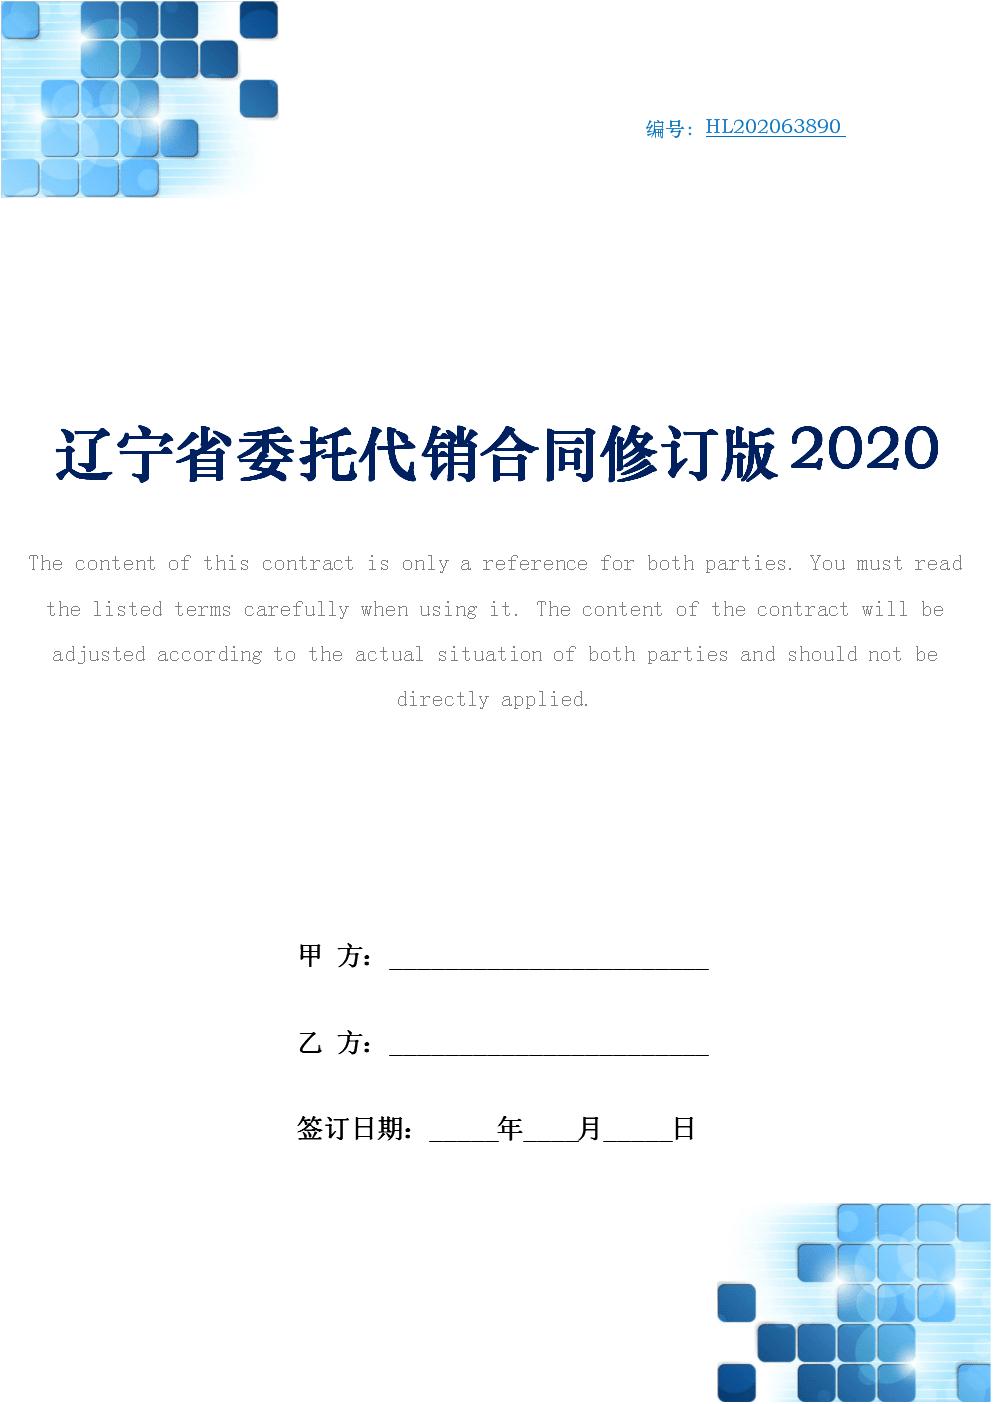 辽宁省委托代销合同修订版2020.docx